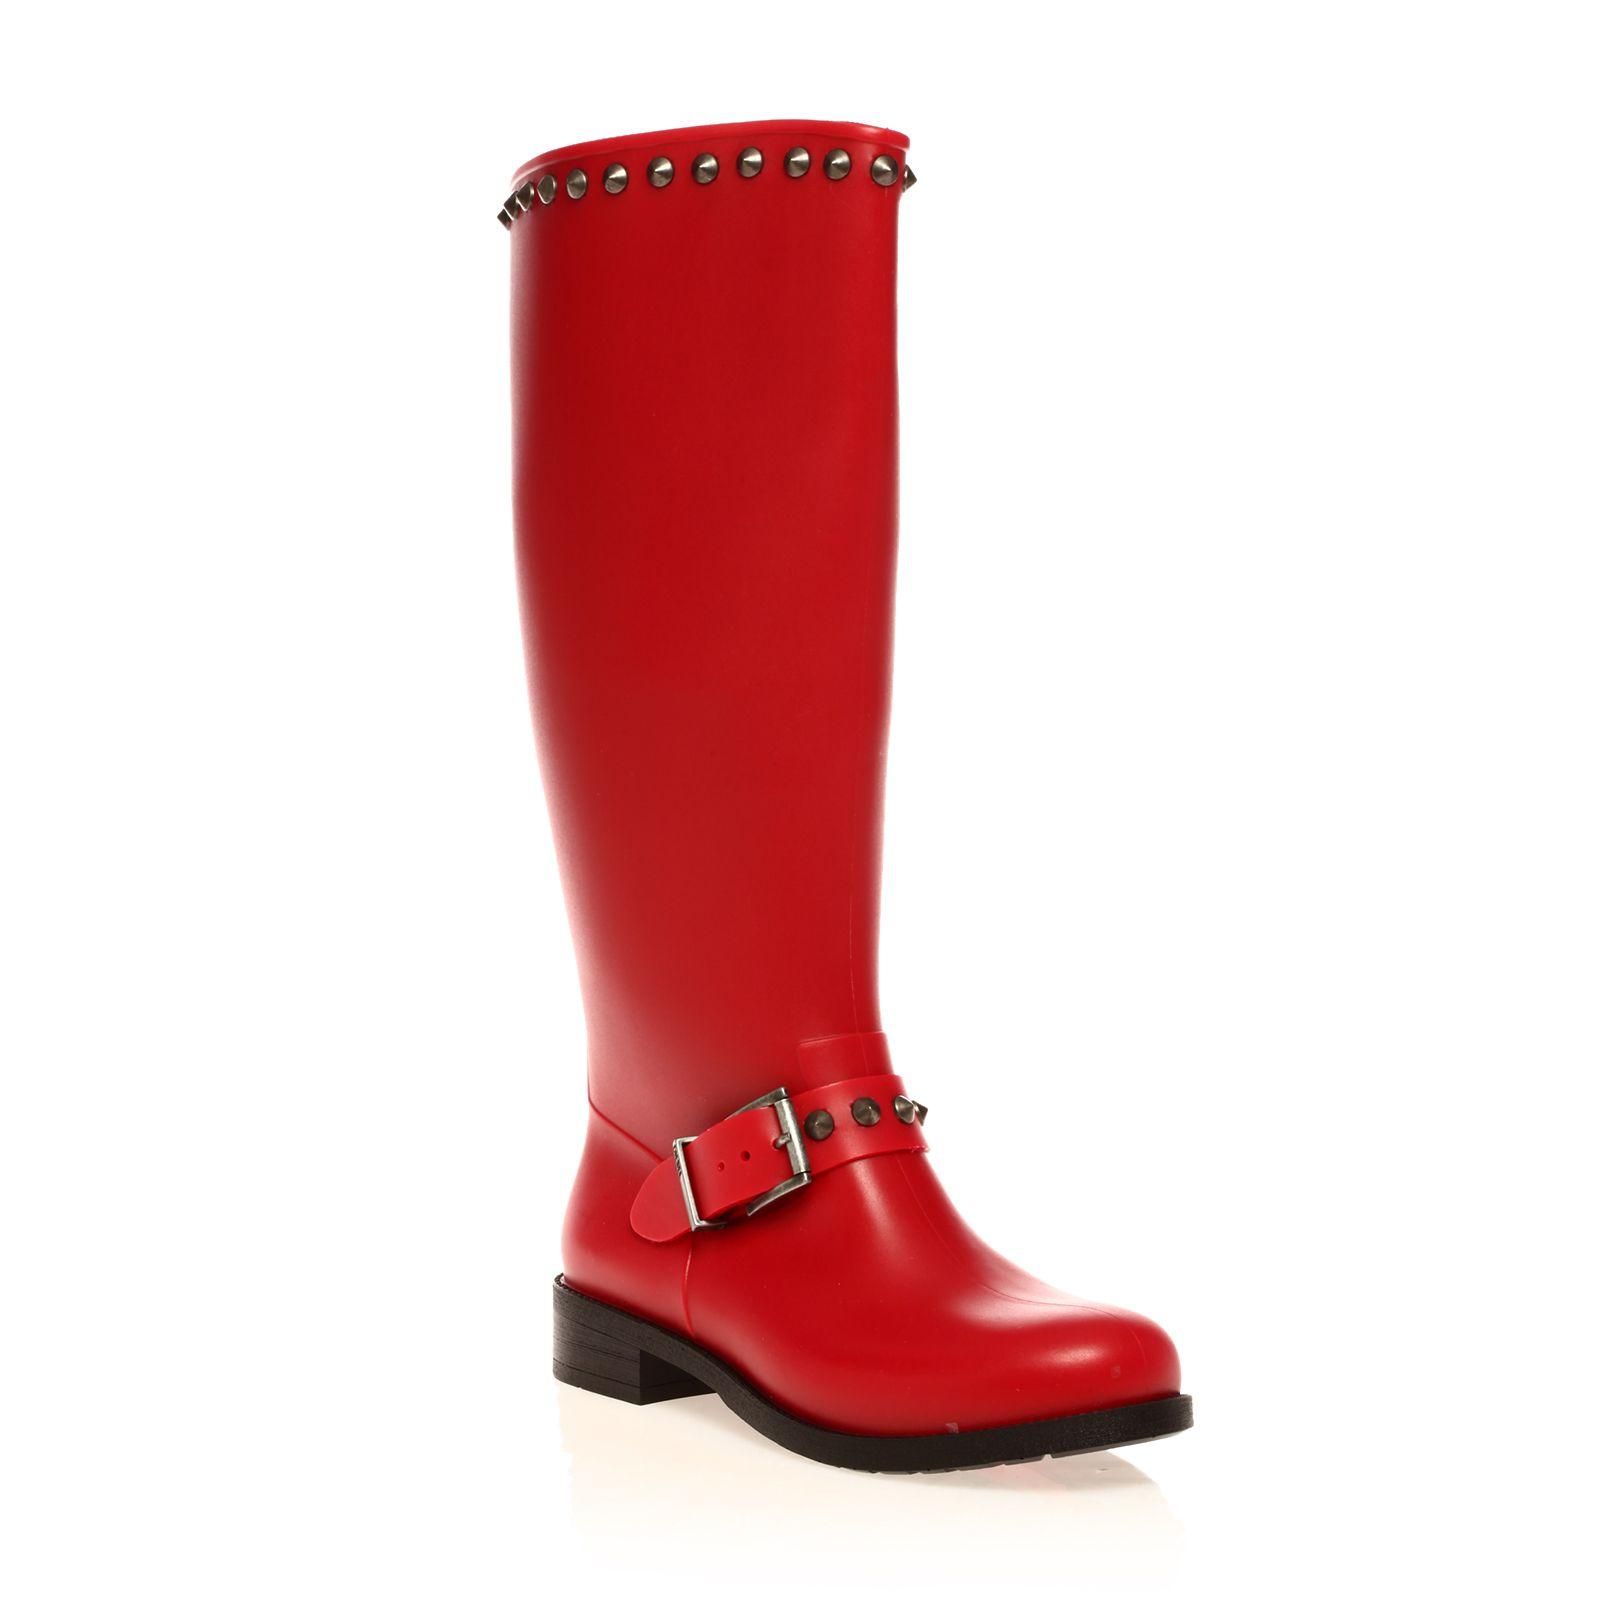 hi stud bottes de pluie rouge diesel bottes de pluie femme brandalley ventes pas. Black Bedroom Furniture Sets. Home Design Ideas